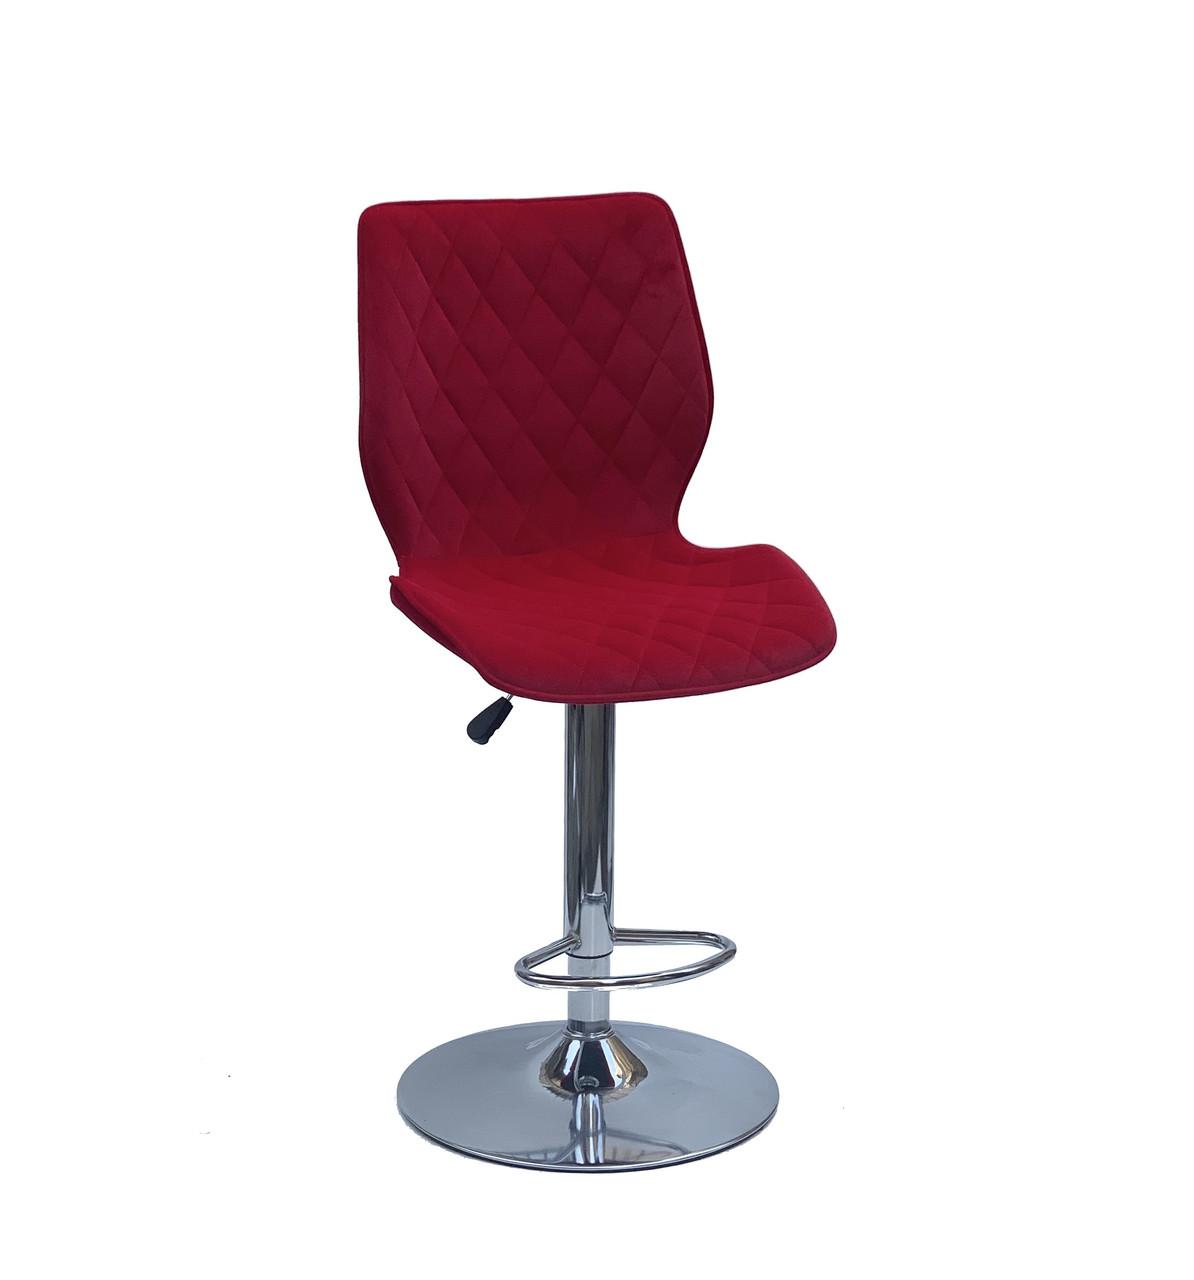 Барний стілець Тоні TONI BAR CH - BASE бордово - червоний оксамит, стілець для візажу